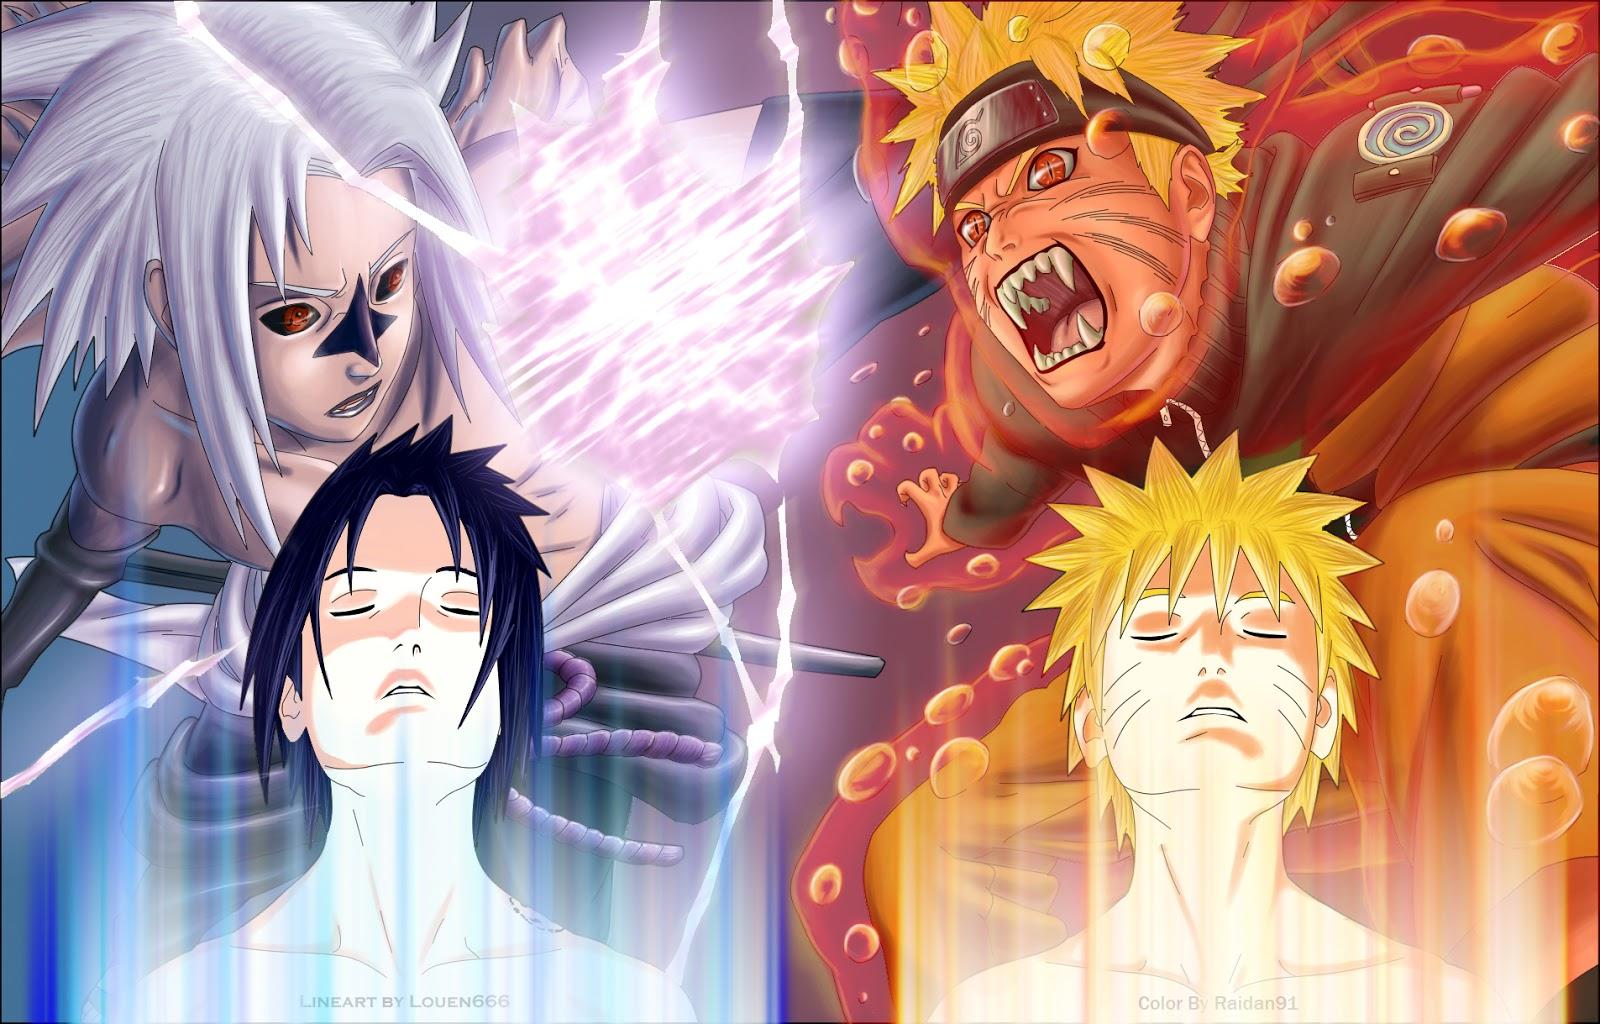 http://1.bp.blogspot.com/-ySEJH1NGqXQ/TtYFuTzuiHI/AAAAAAAABzs/NXDl3gLxdgM/s1600/sasuke_cursed_seal_sharingan_vs_naruto_kyubi.jpg